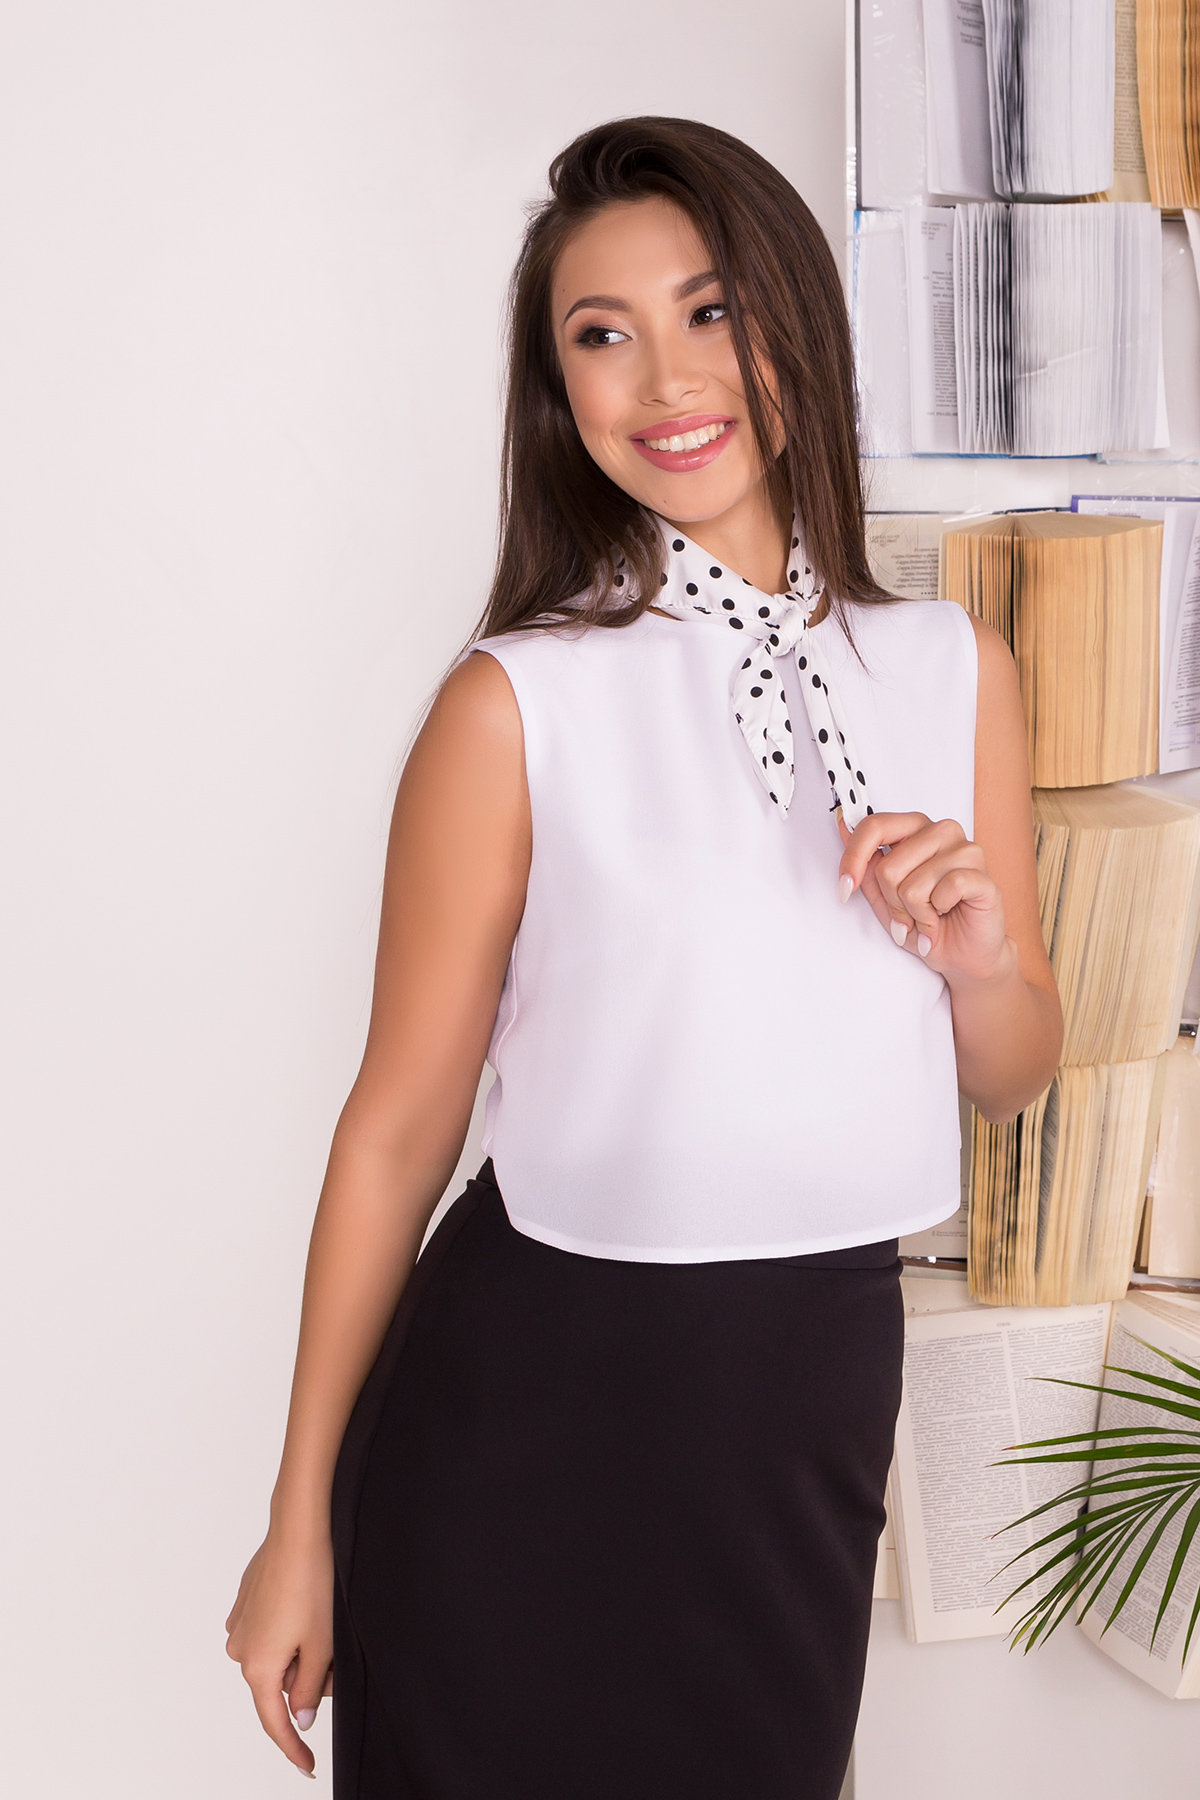 Двухслойная блузка Арома лайт  7642 Цвет: Белый